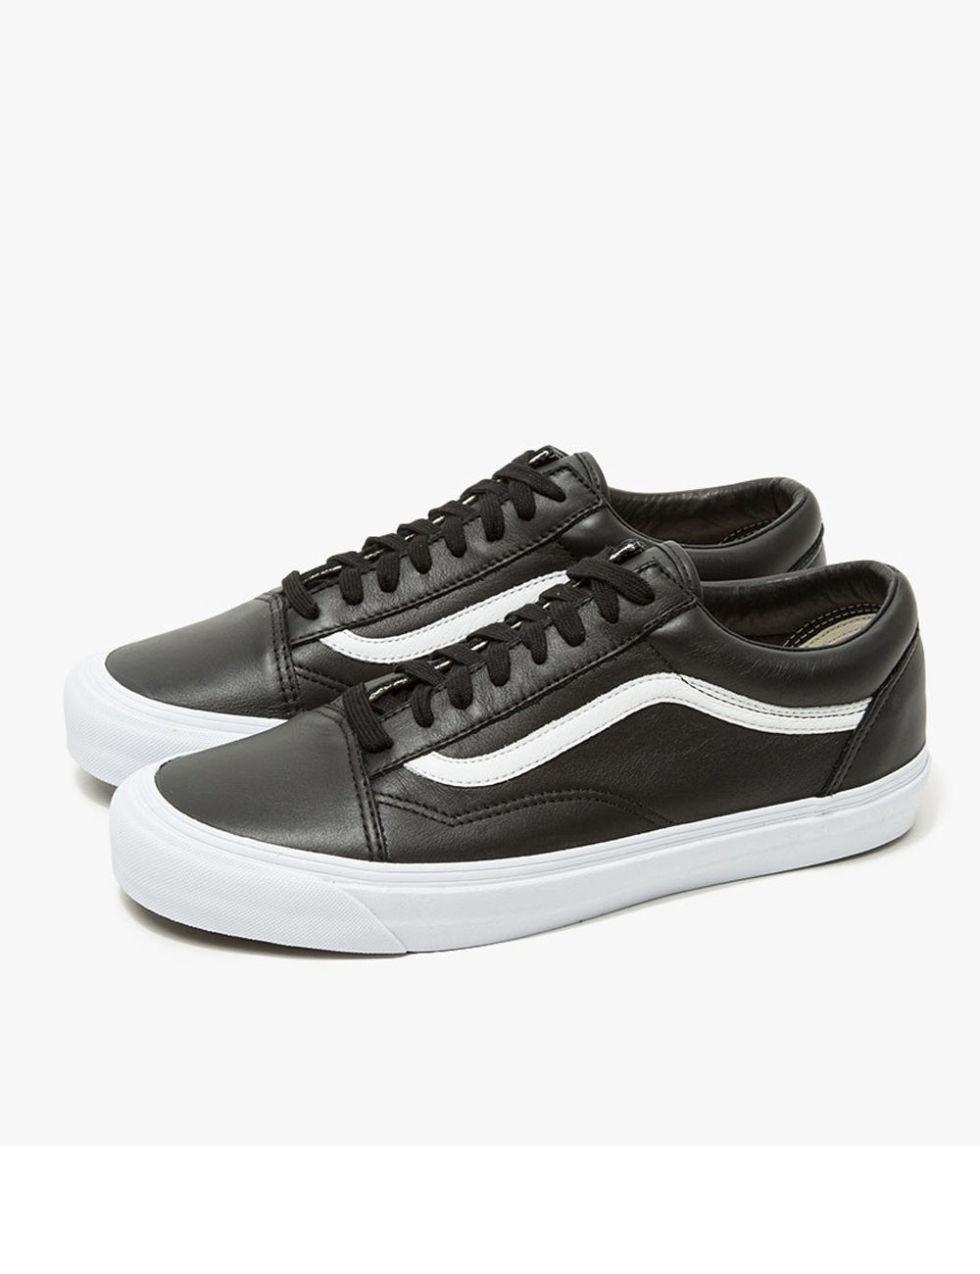 Nike Vans Style